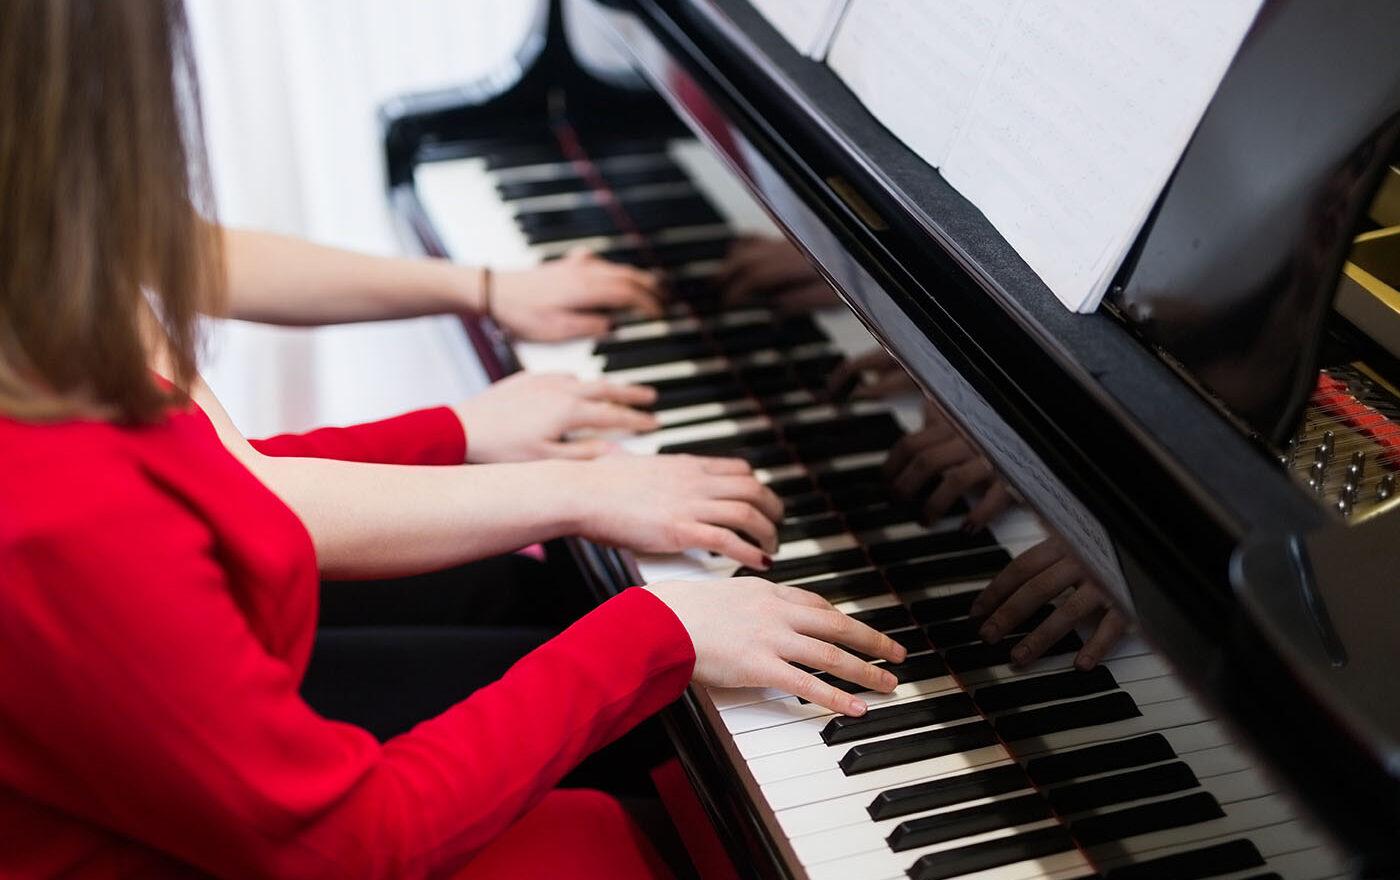 Marie Michaela - Výuka/doučování na klavír a klávesy Hradec Králové